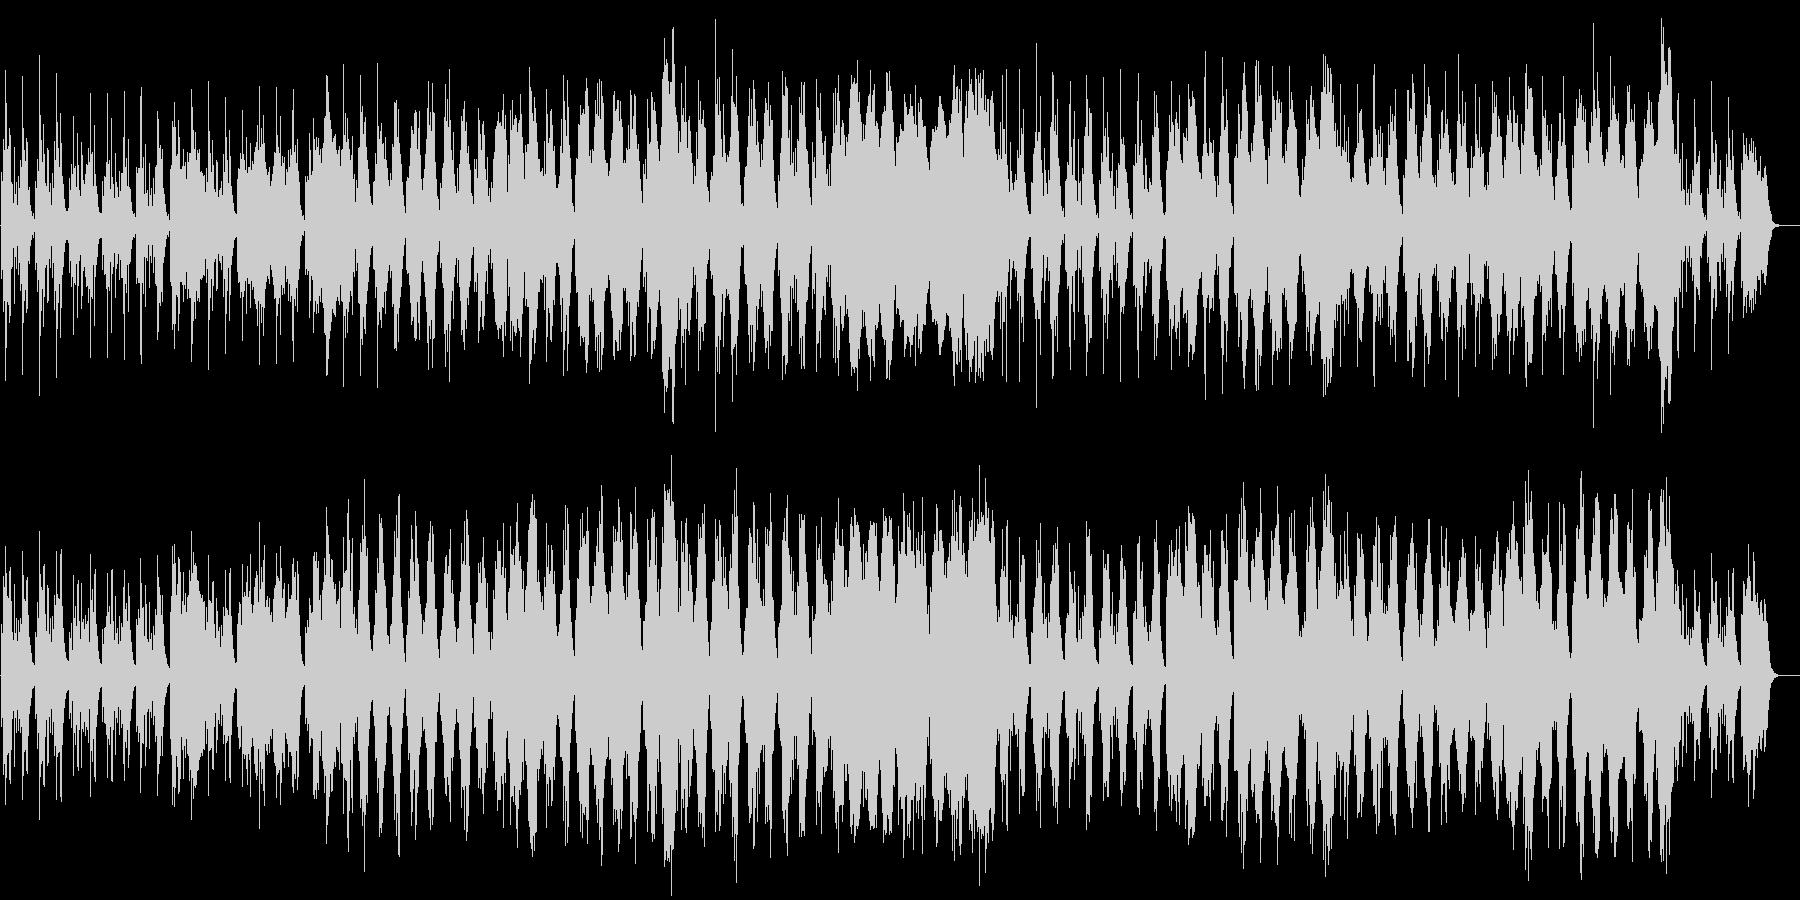 ハープと木製フルートの音色が美しい音楽の未再生の波形